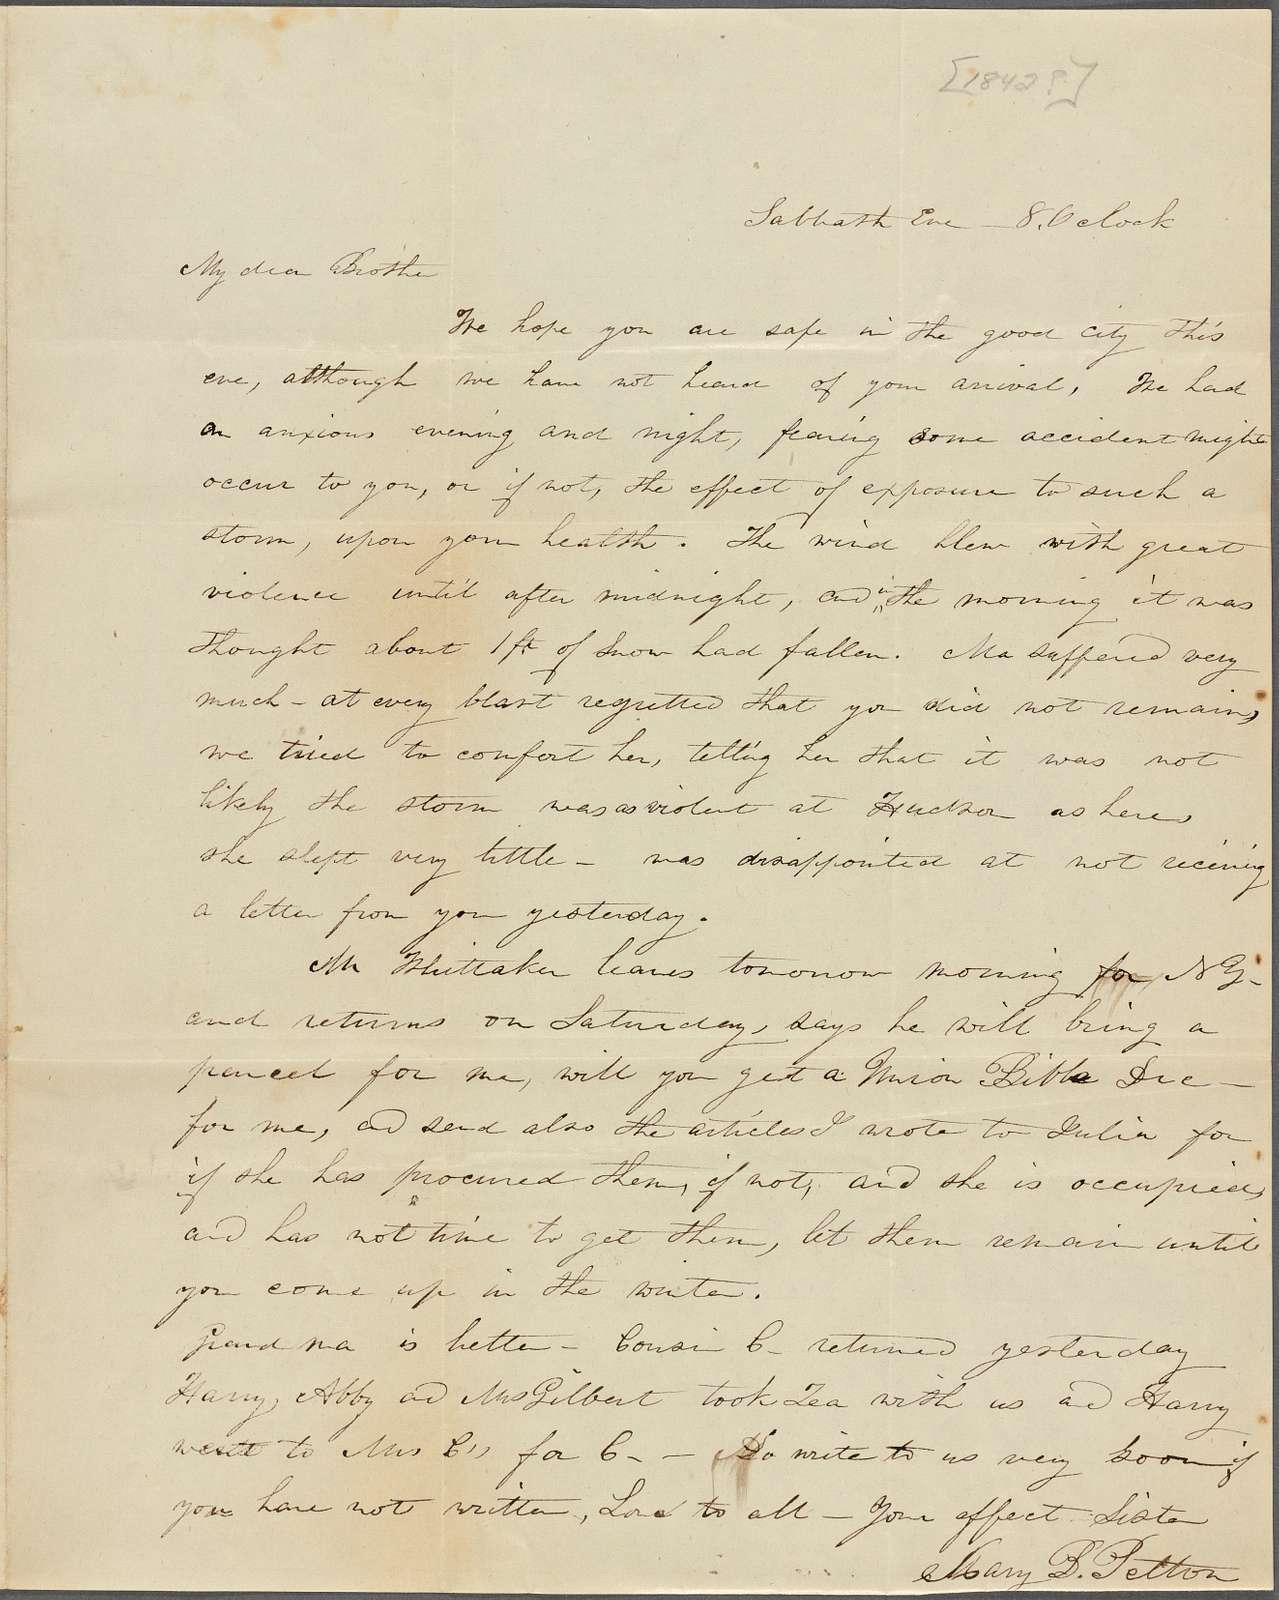 Pelton, Mary B. (Tilden), 1832 - 1850, 1884